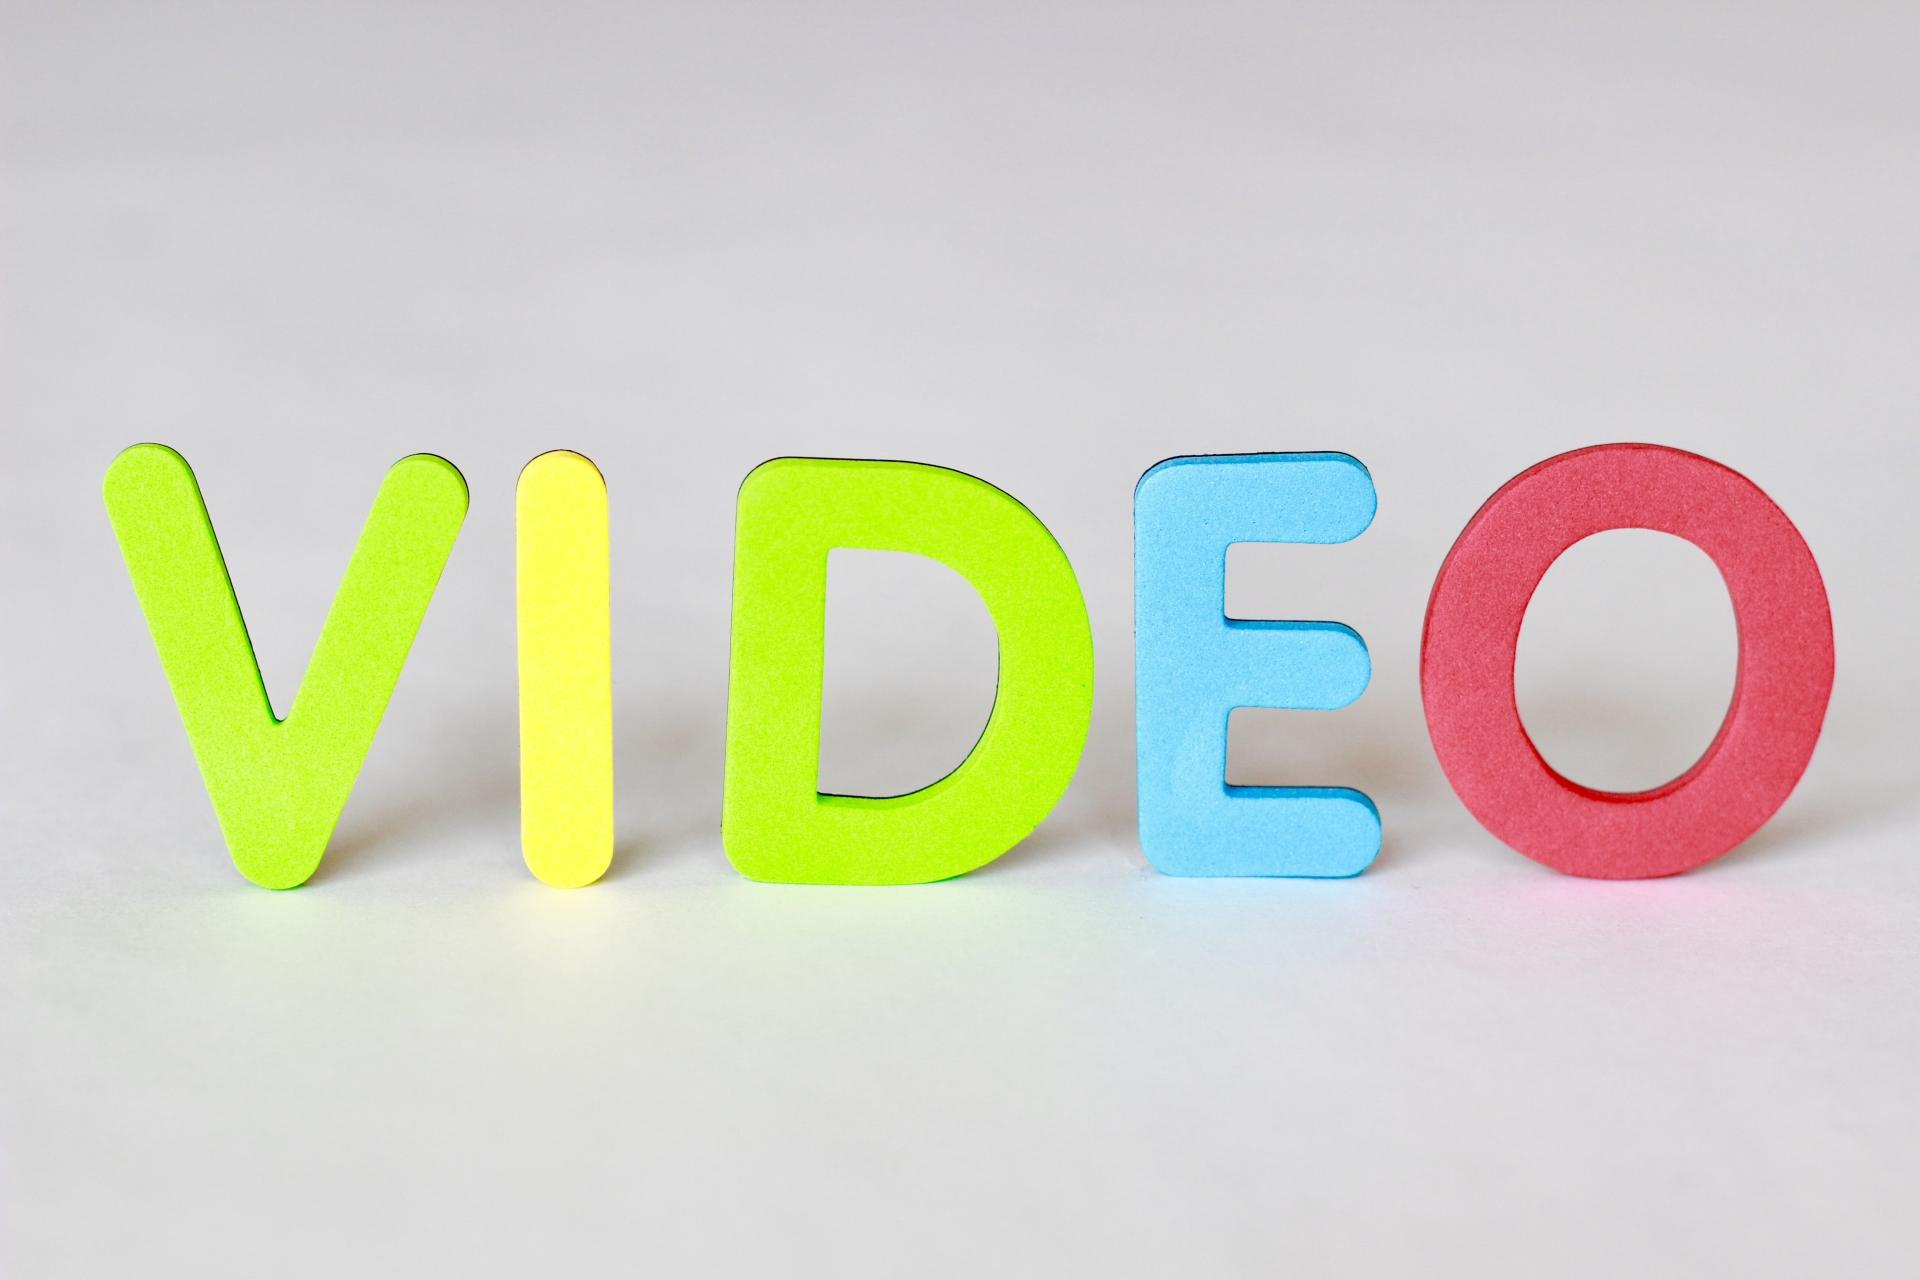 video構造化データを簡易的に作るジェネレーター